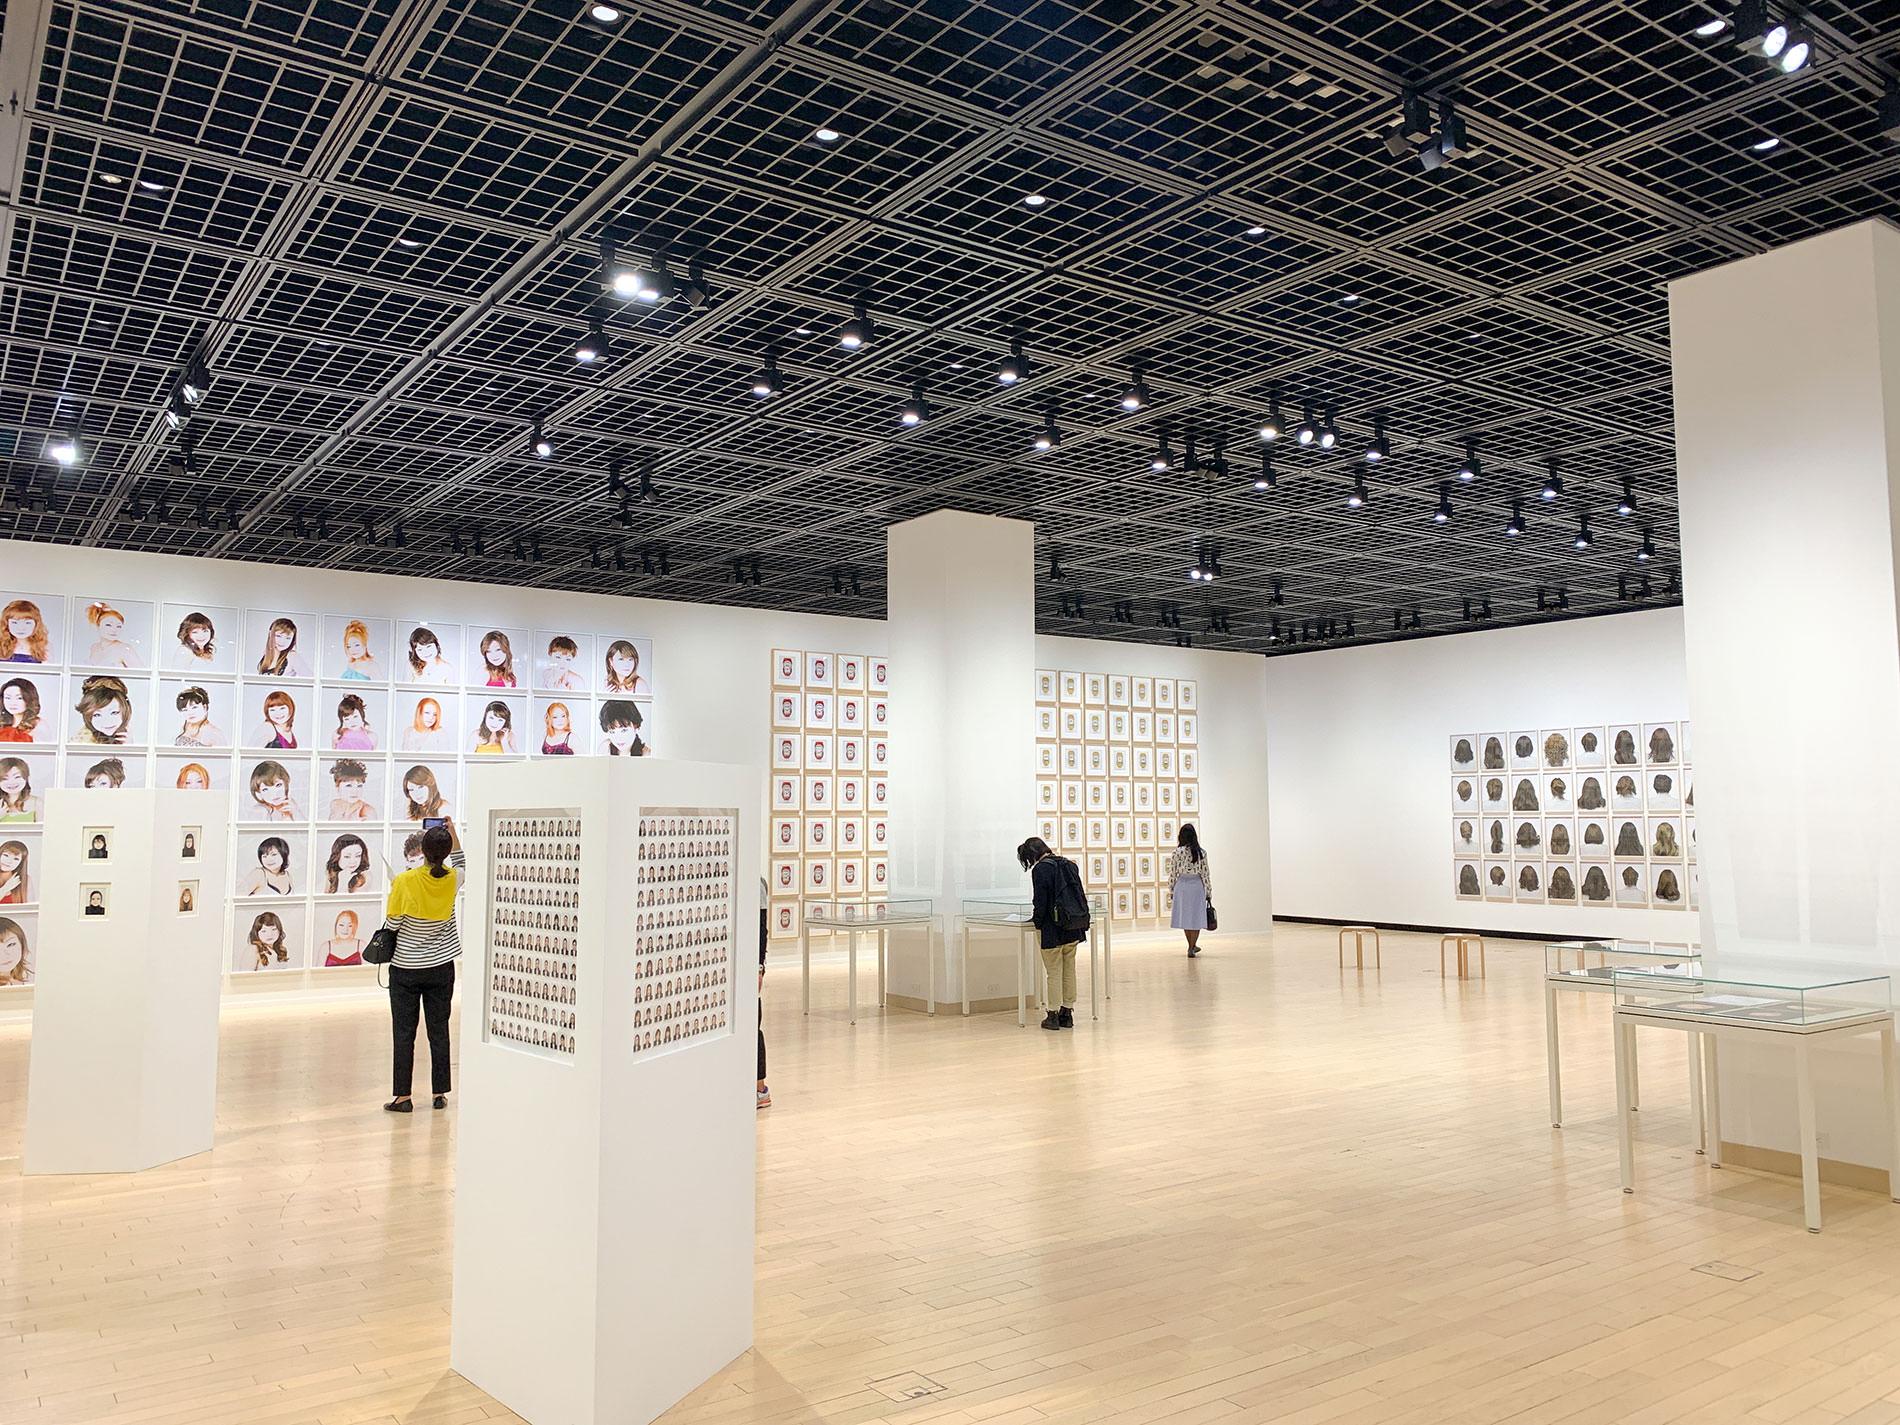 澤田知子「狐の嫁いり」展 / Tokomo Sawada's Exhibition KITUNE NO YOMEIRI in TOKYO PHOTOGRAPHIC ART MUSEUM 2021